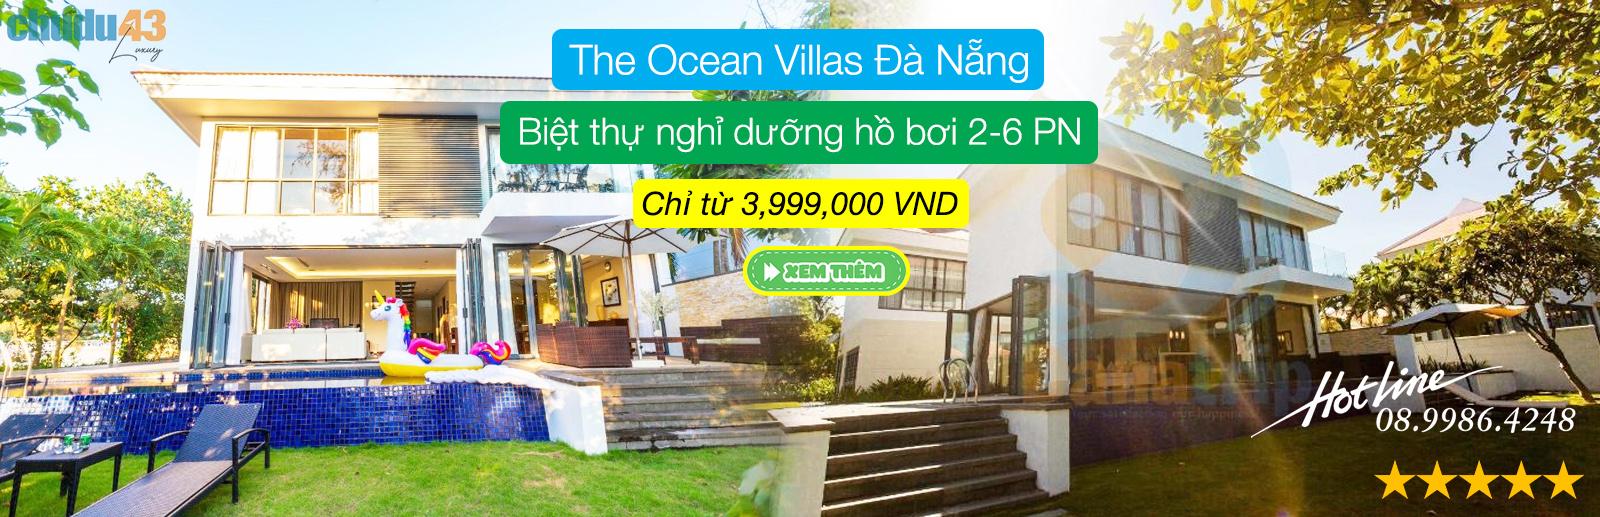 The Ocean Villas Da Nang | Chudu43.com